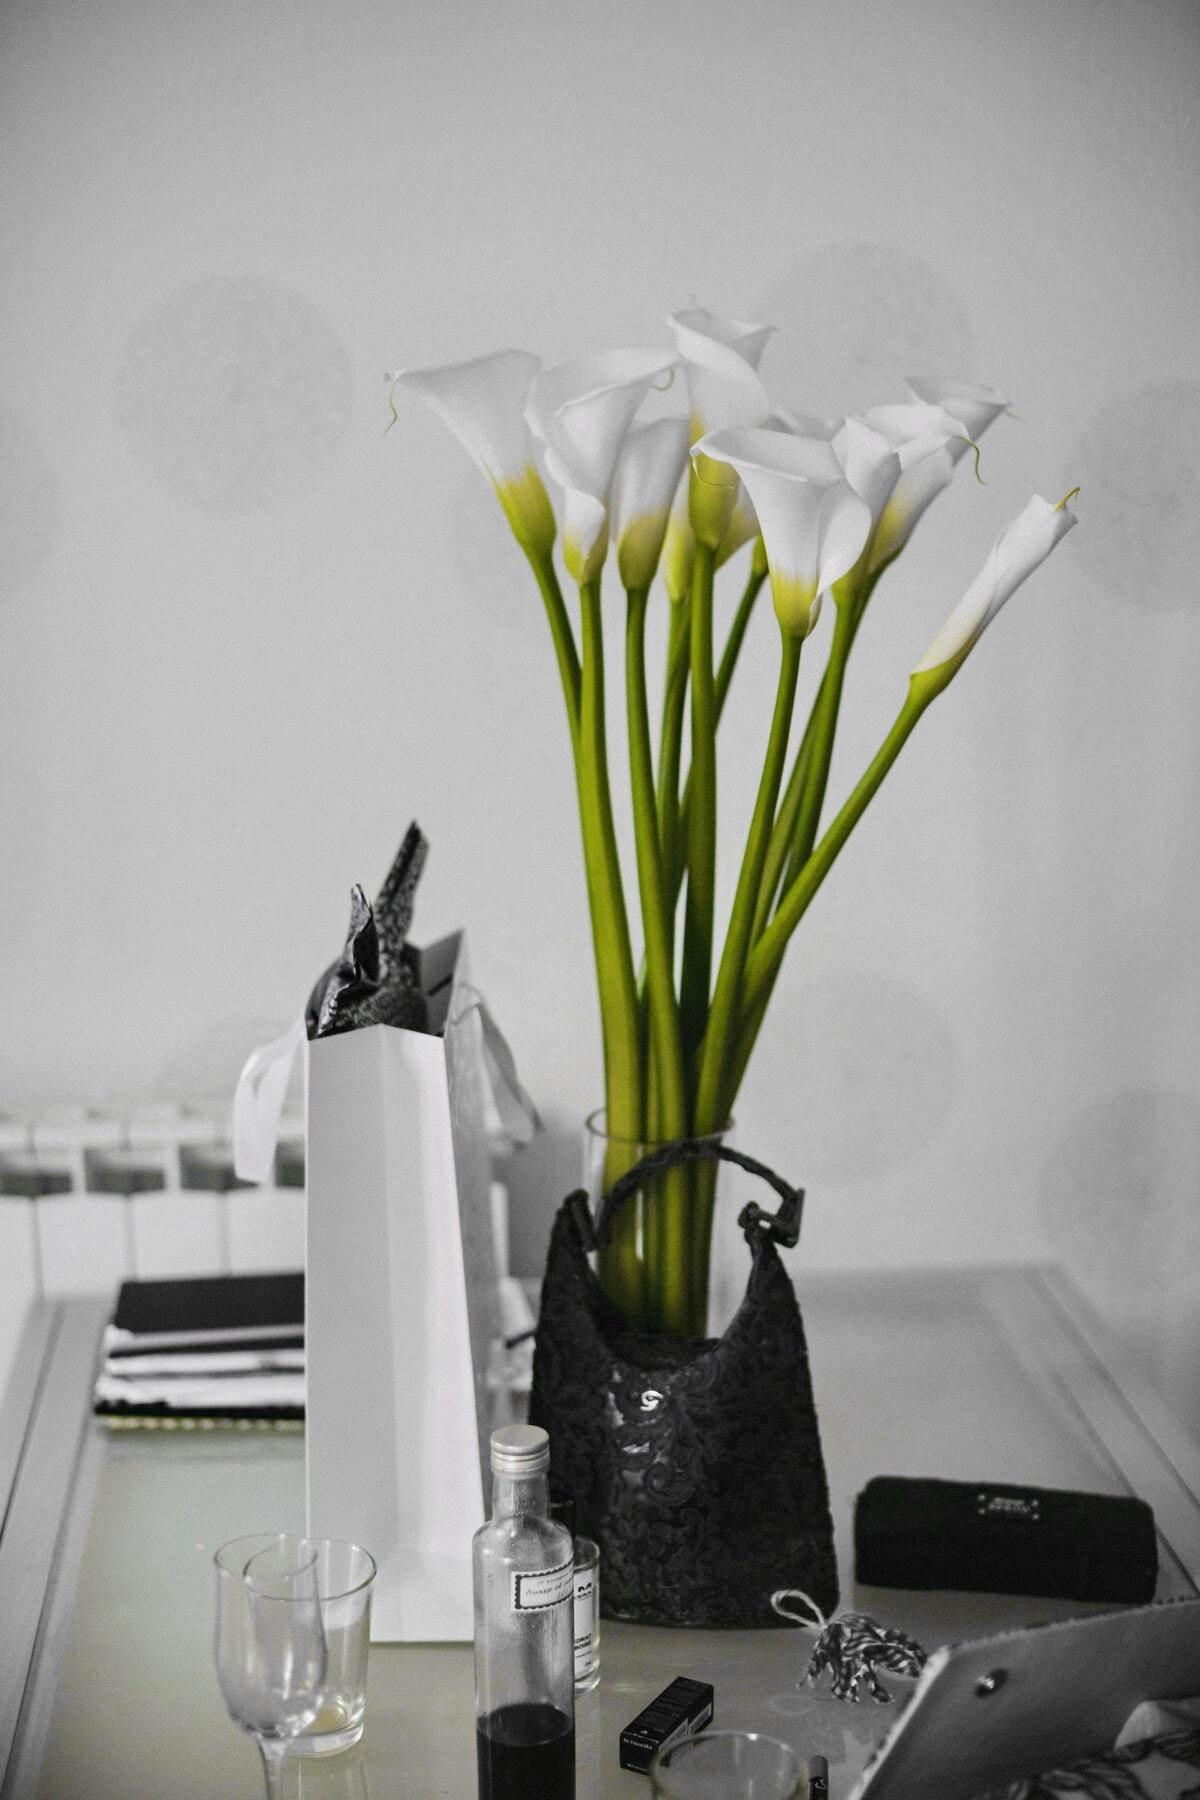 white flower, desk, decoration, office, vase, notebook, elegant, bottle, handbag, flower